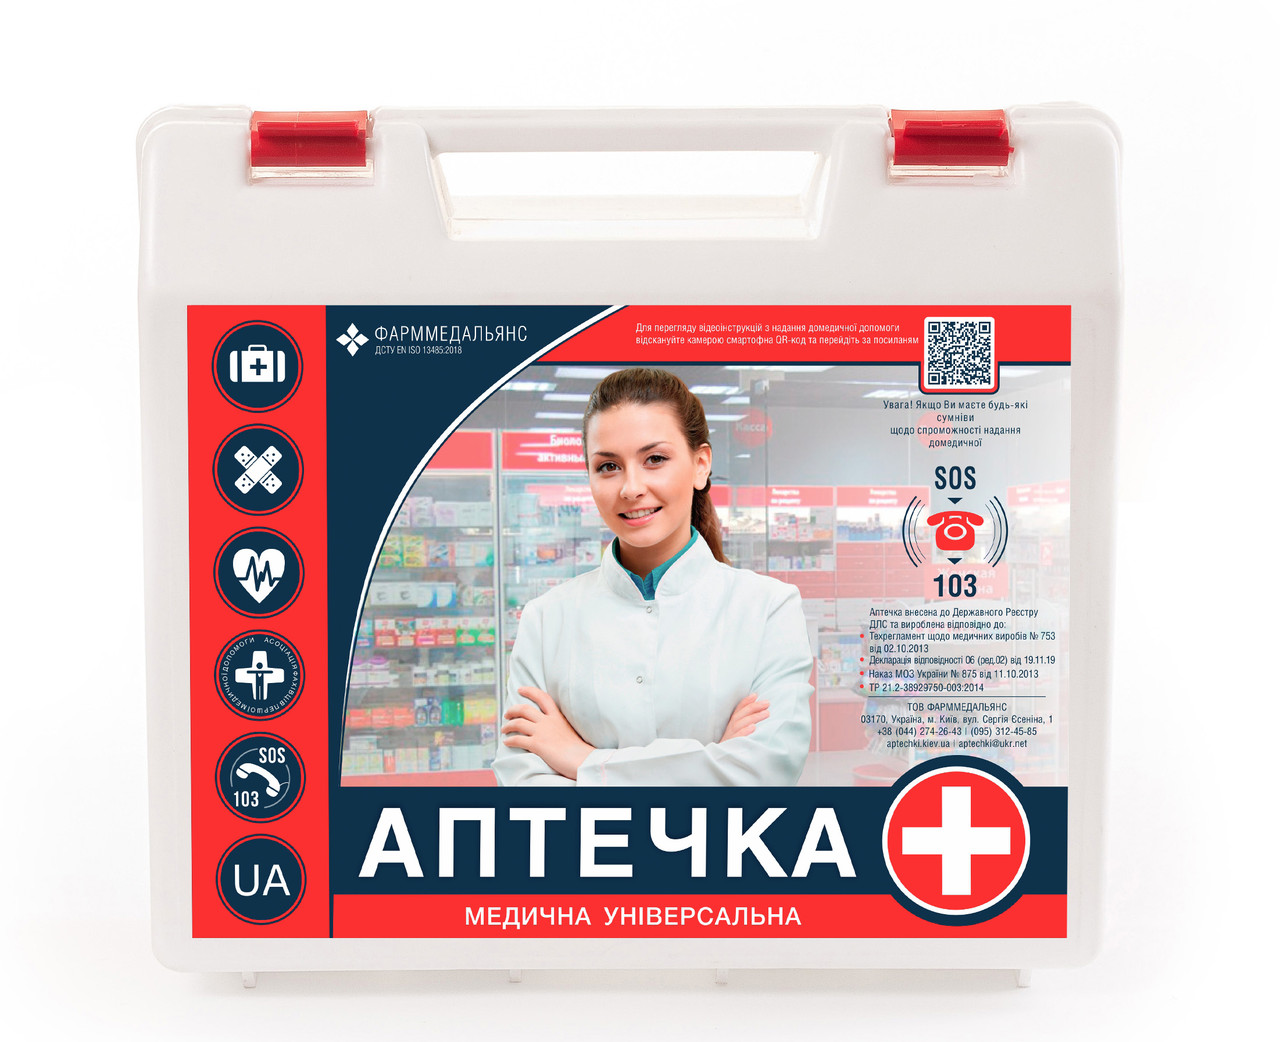 Аптечка медицинская универсальная, цена с НДС